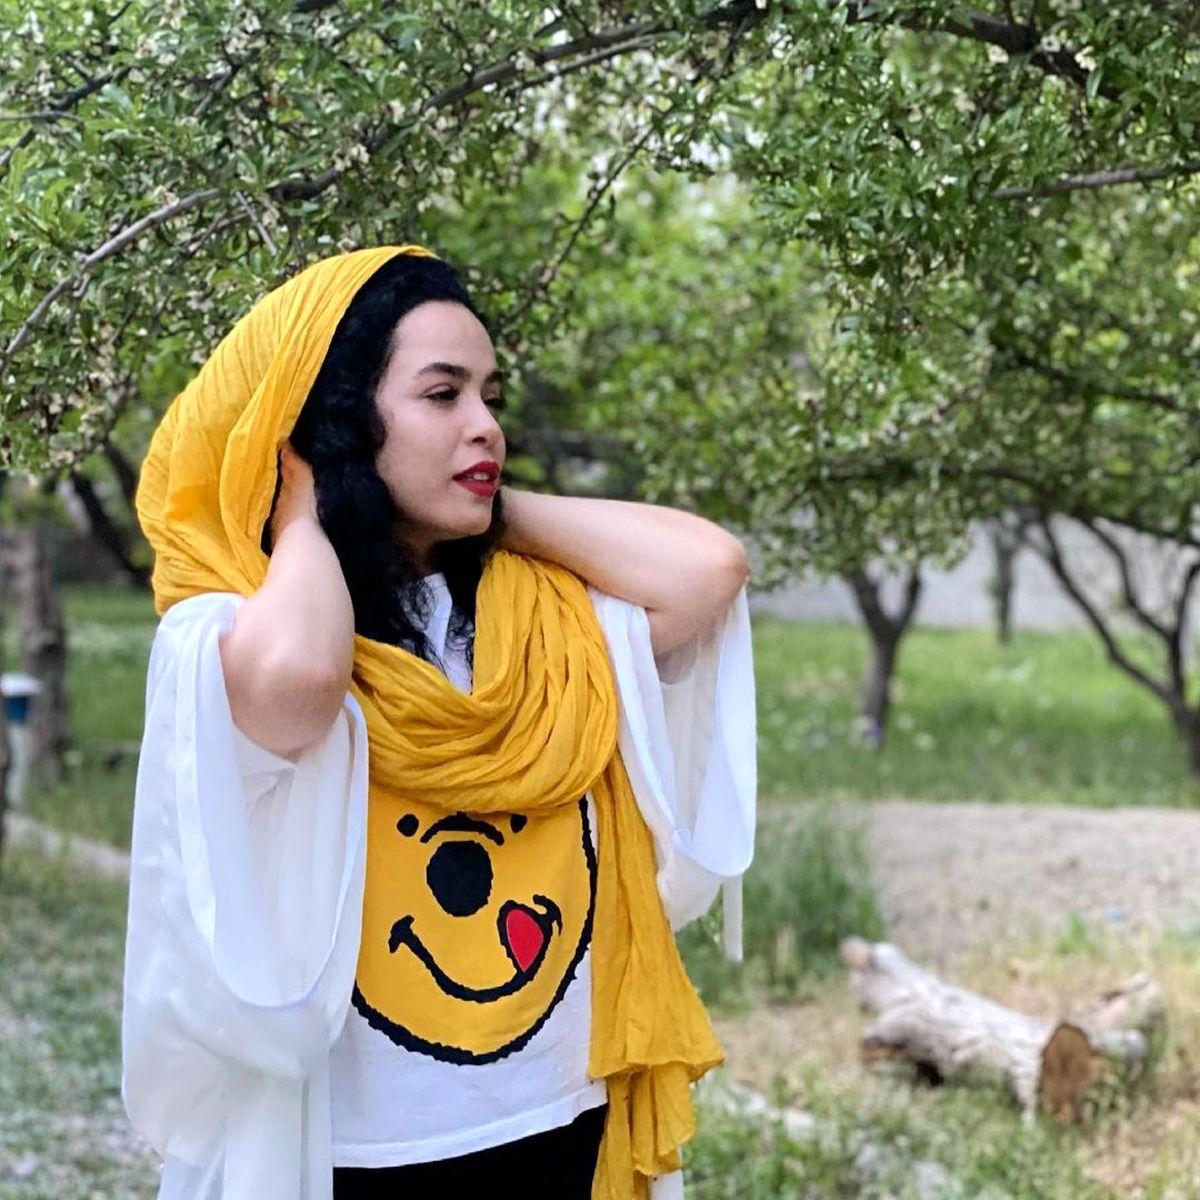 تیشرت کوتاه و دستان برهنه ملیکا شریفی نیا + عکس